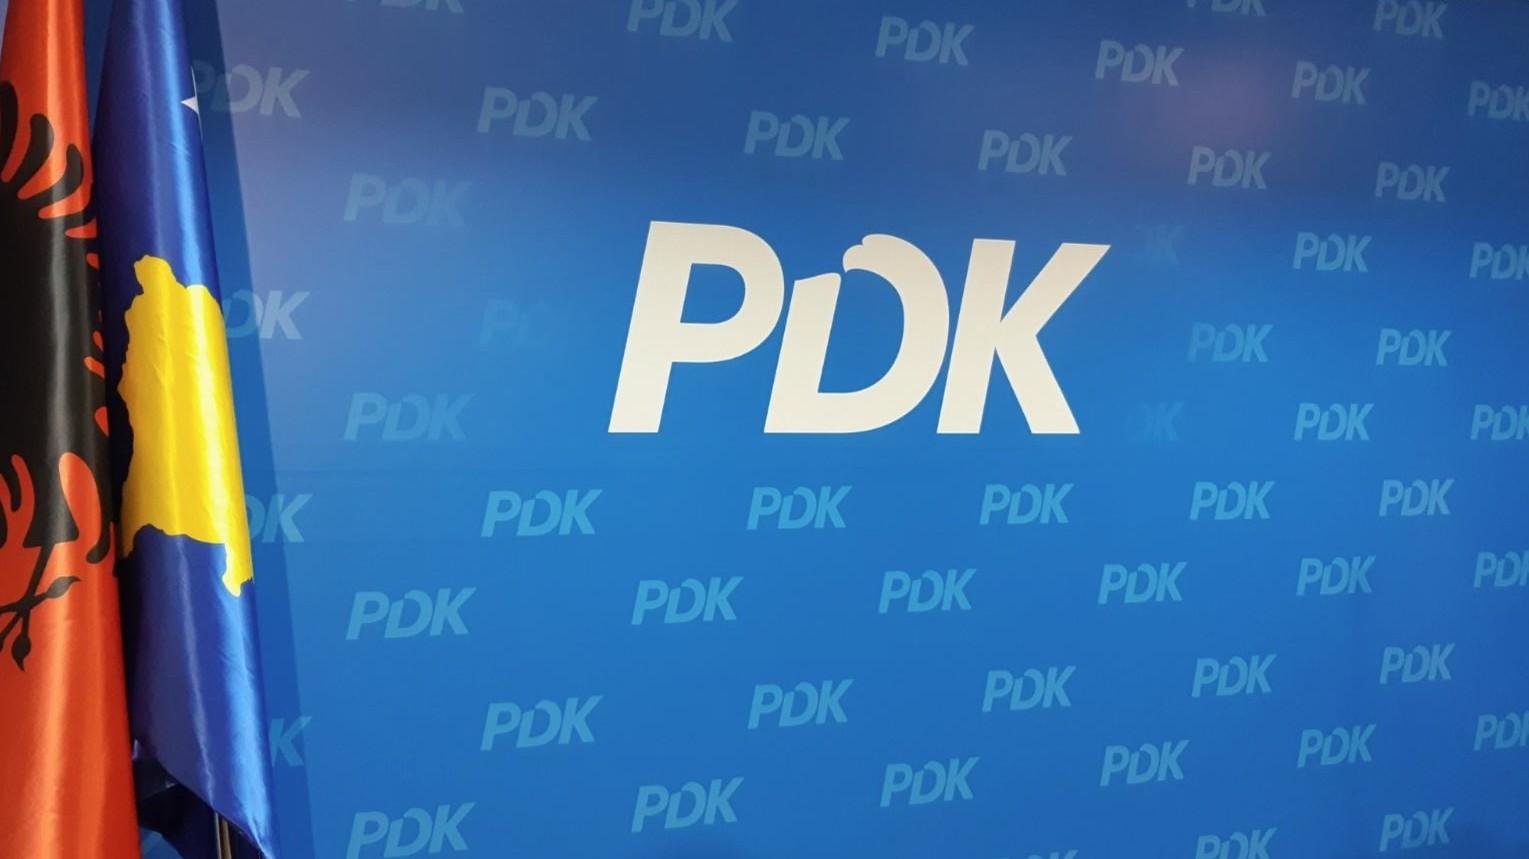 Kjo është lista që Memli Krasniqi e propozoi për kryesinë e re të PDK-së